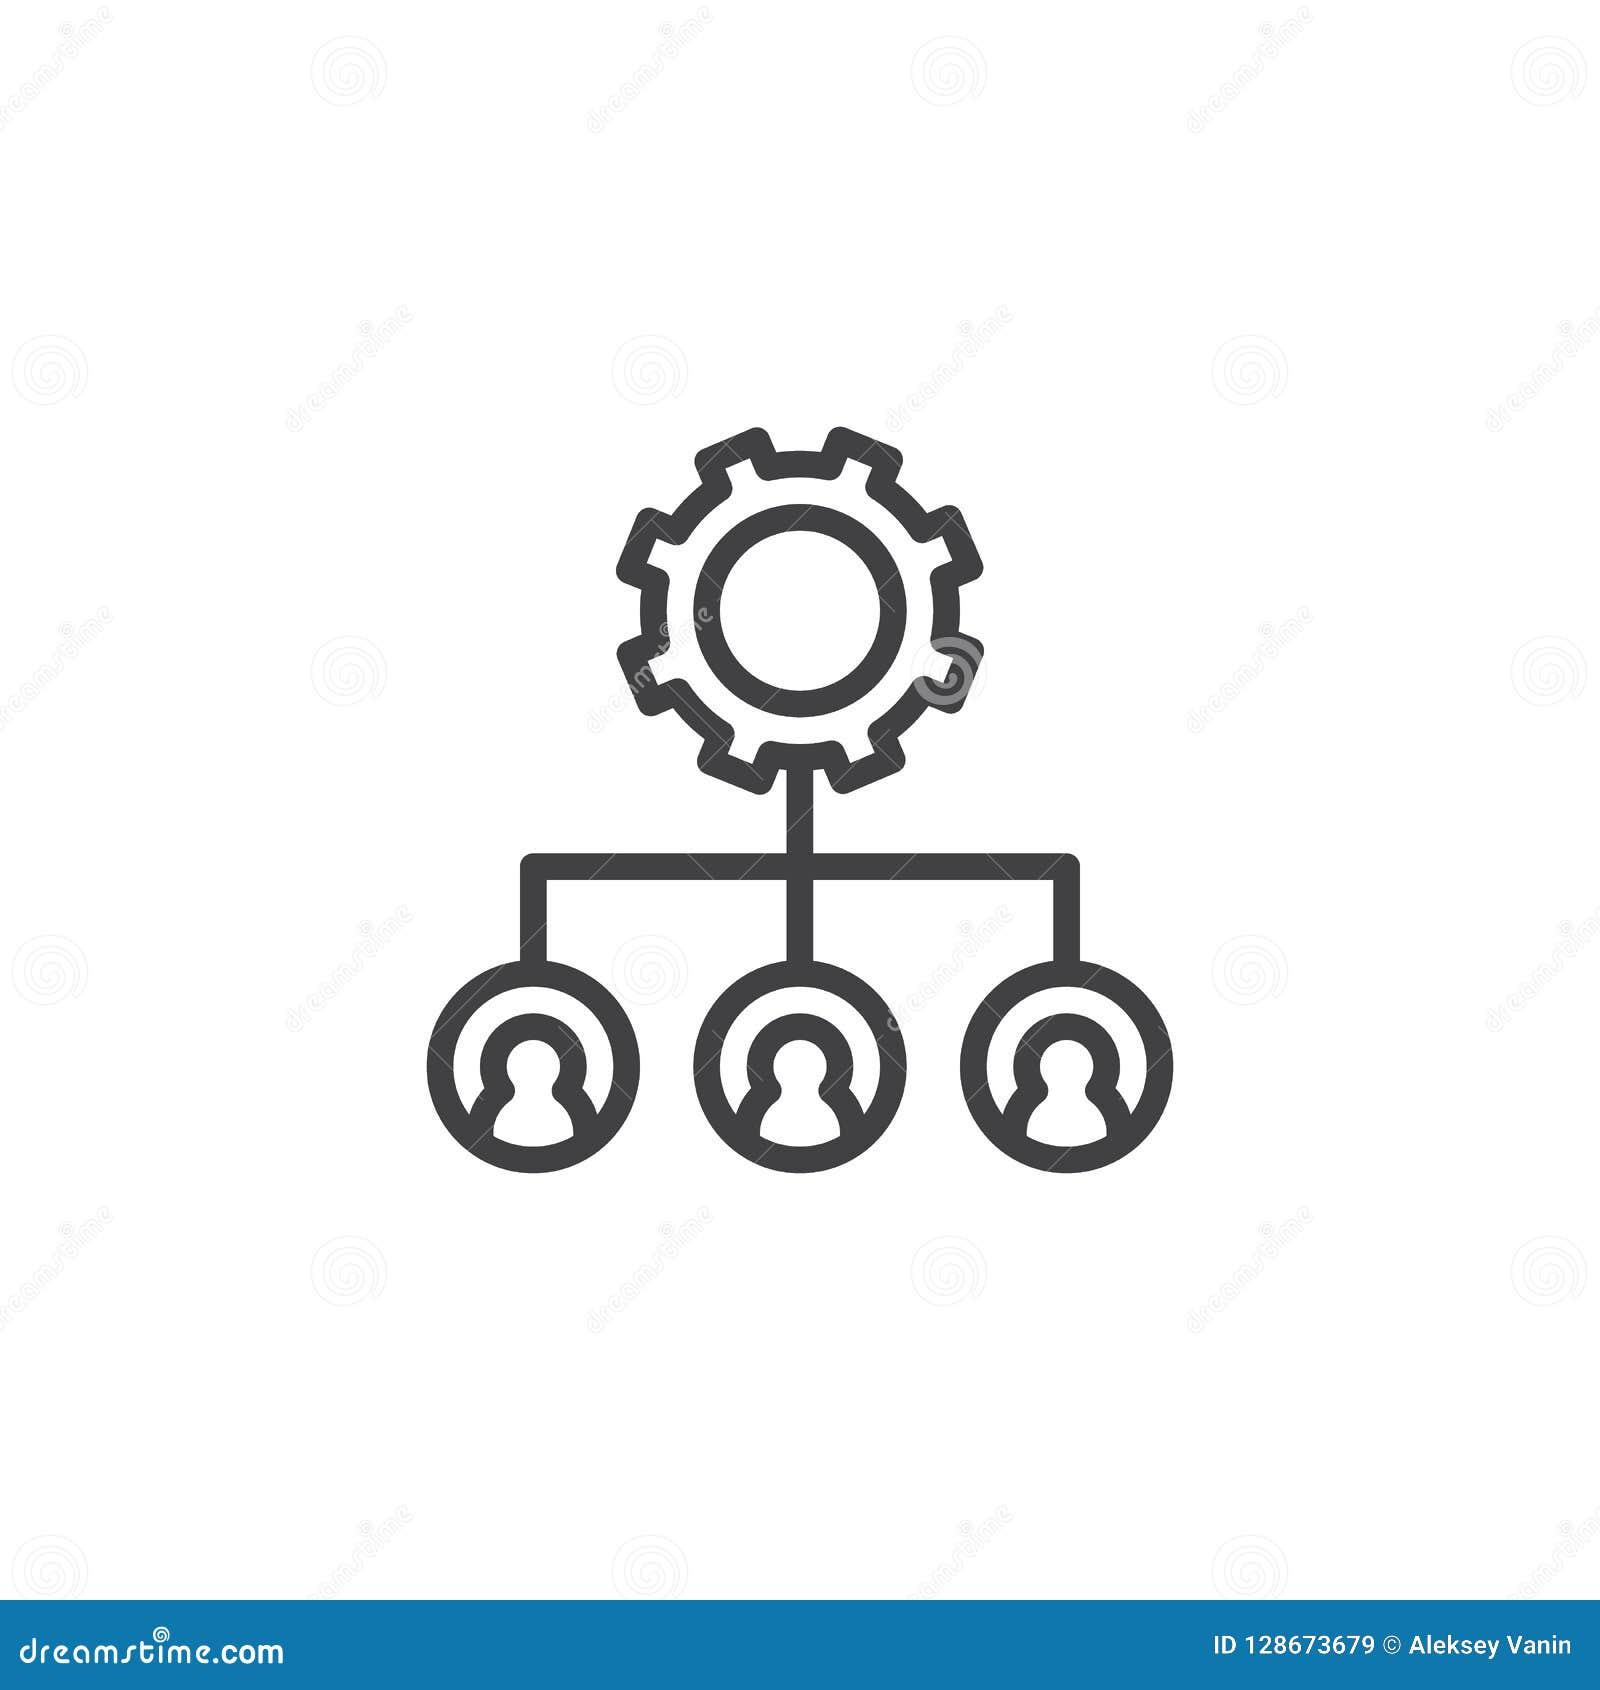 För kugghjulöversikt för hierarkisk struktur symbol